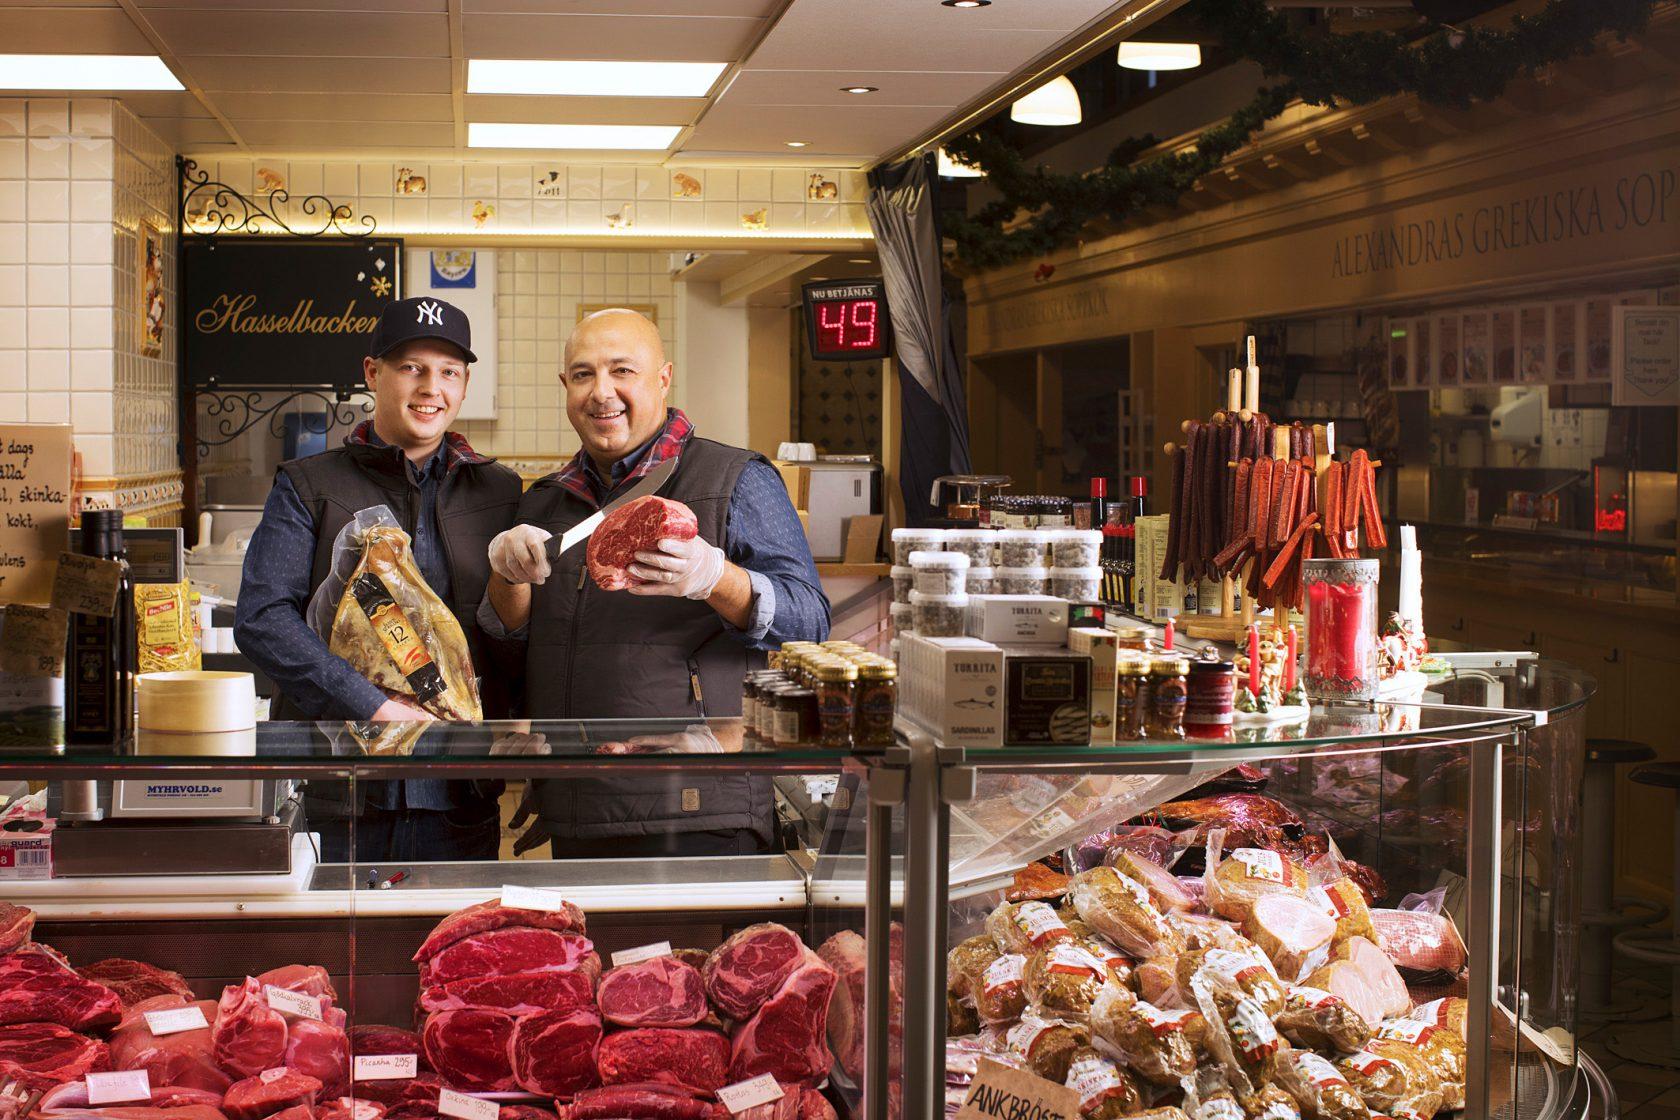 Två män står bakom en köttdisk och håller upp stycken med kött i händerna.